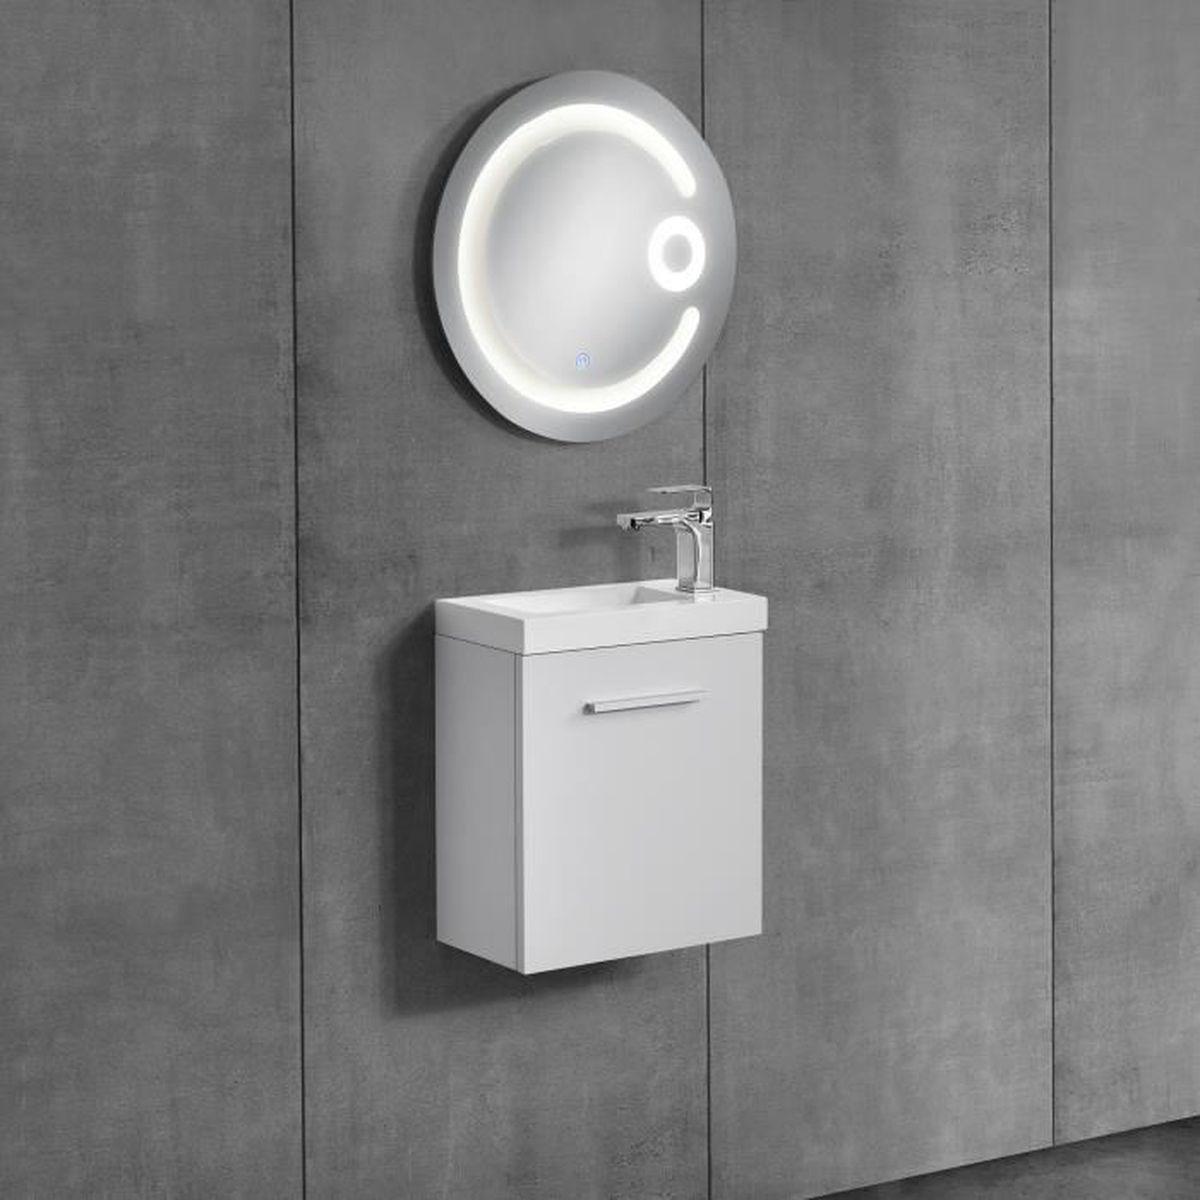 armoire de toilette avec lavabo blanc miroir 80cm achat vente colonne armoire sdb. Black Bedroom Furniture Sets. Home Design Ideas